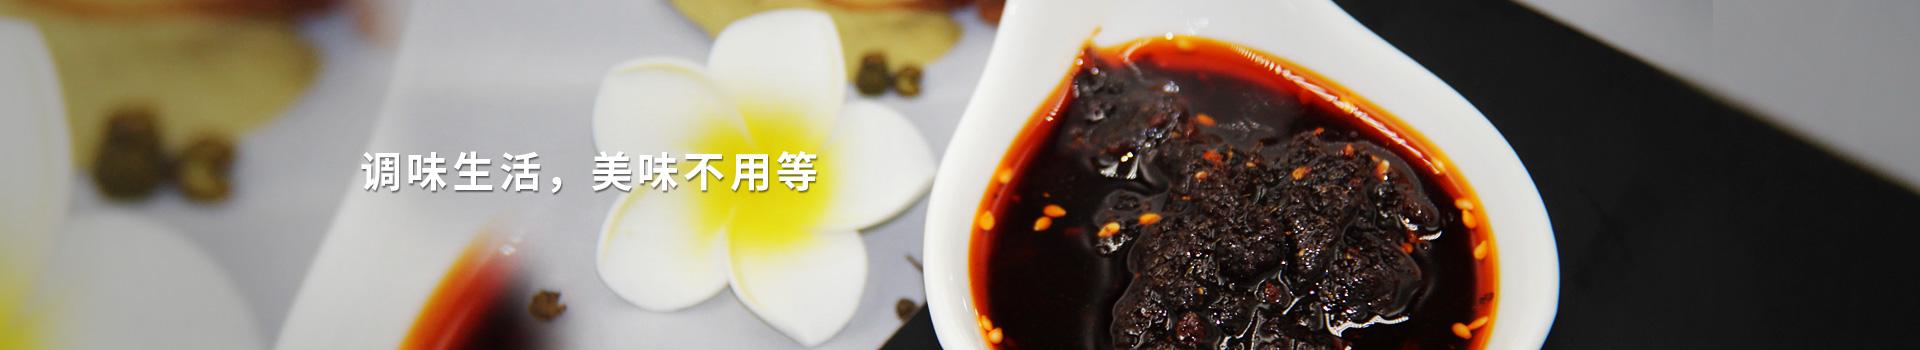 大丰食品辣椒调味品,调味生活,美味不用等